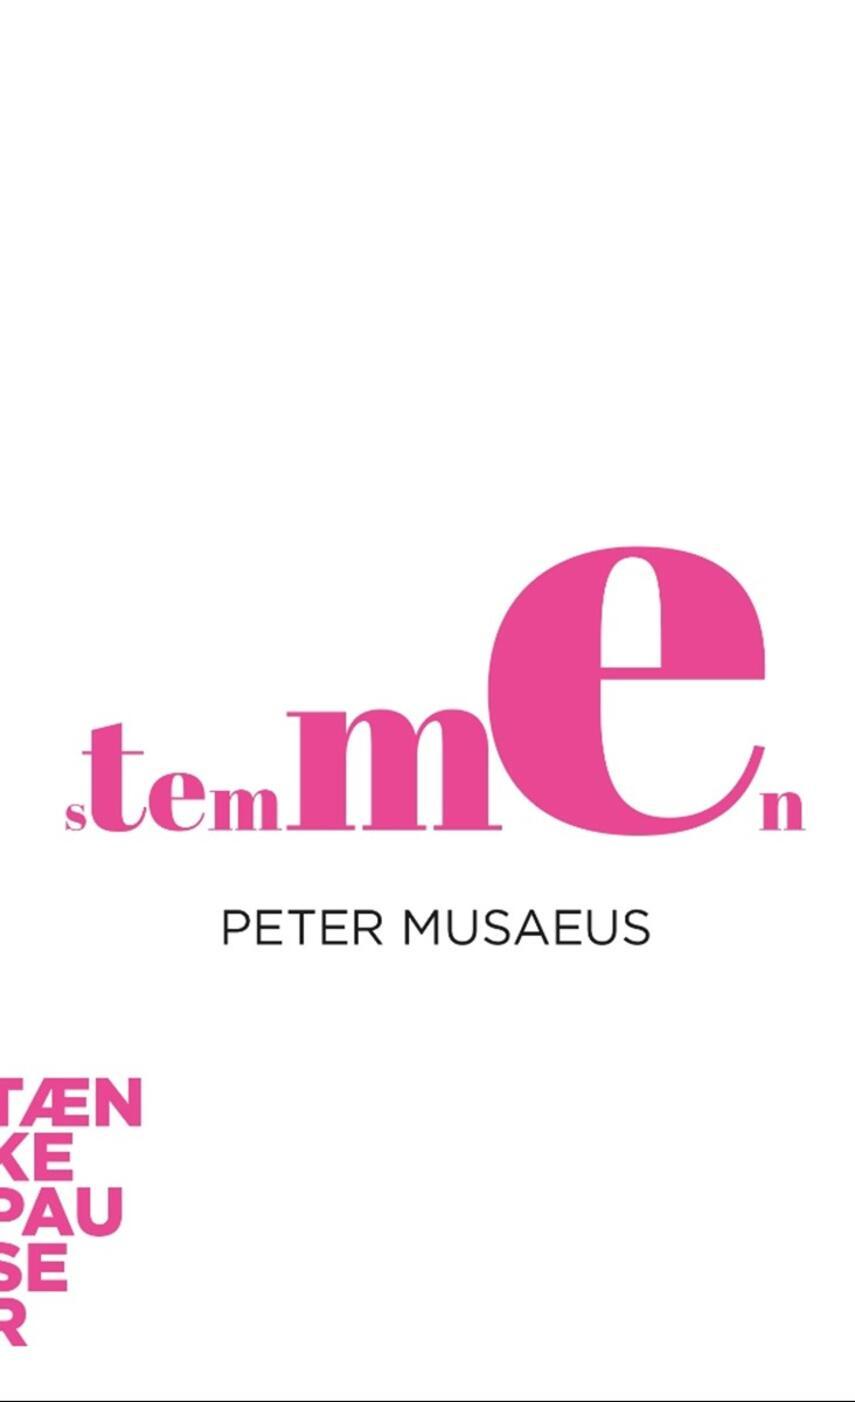 Peter Musaeus: Stemmen